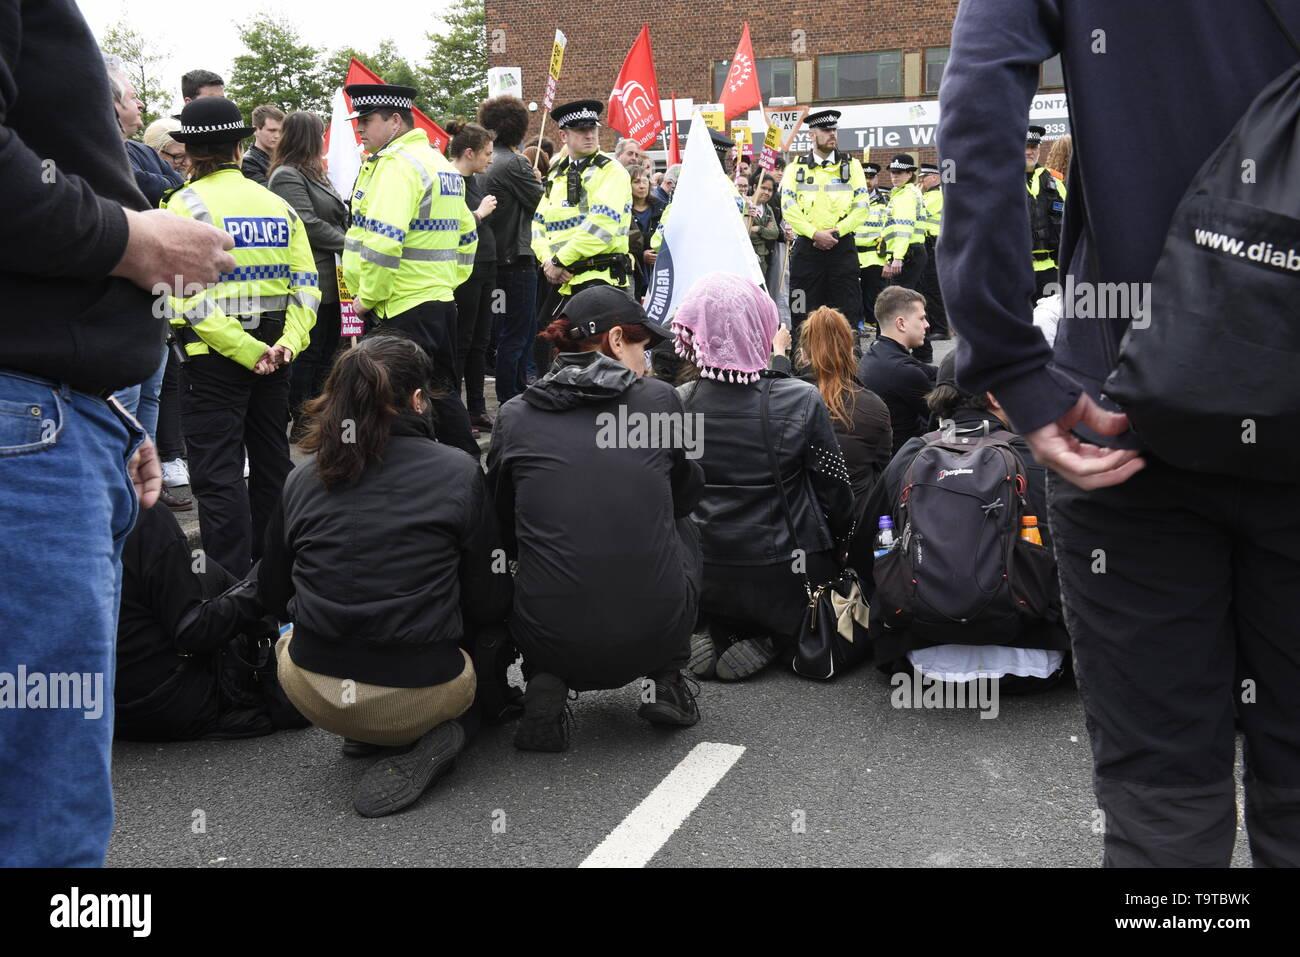 Comenzar un antifascista sentarse en protesta el mitin político. La policía mantuvo partidarios y contramanifestantes aparte pero chocaron con contramanifestantes por delante de Tommy Robinson's llegada. David J Colbran crédito Imagen De Stock